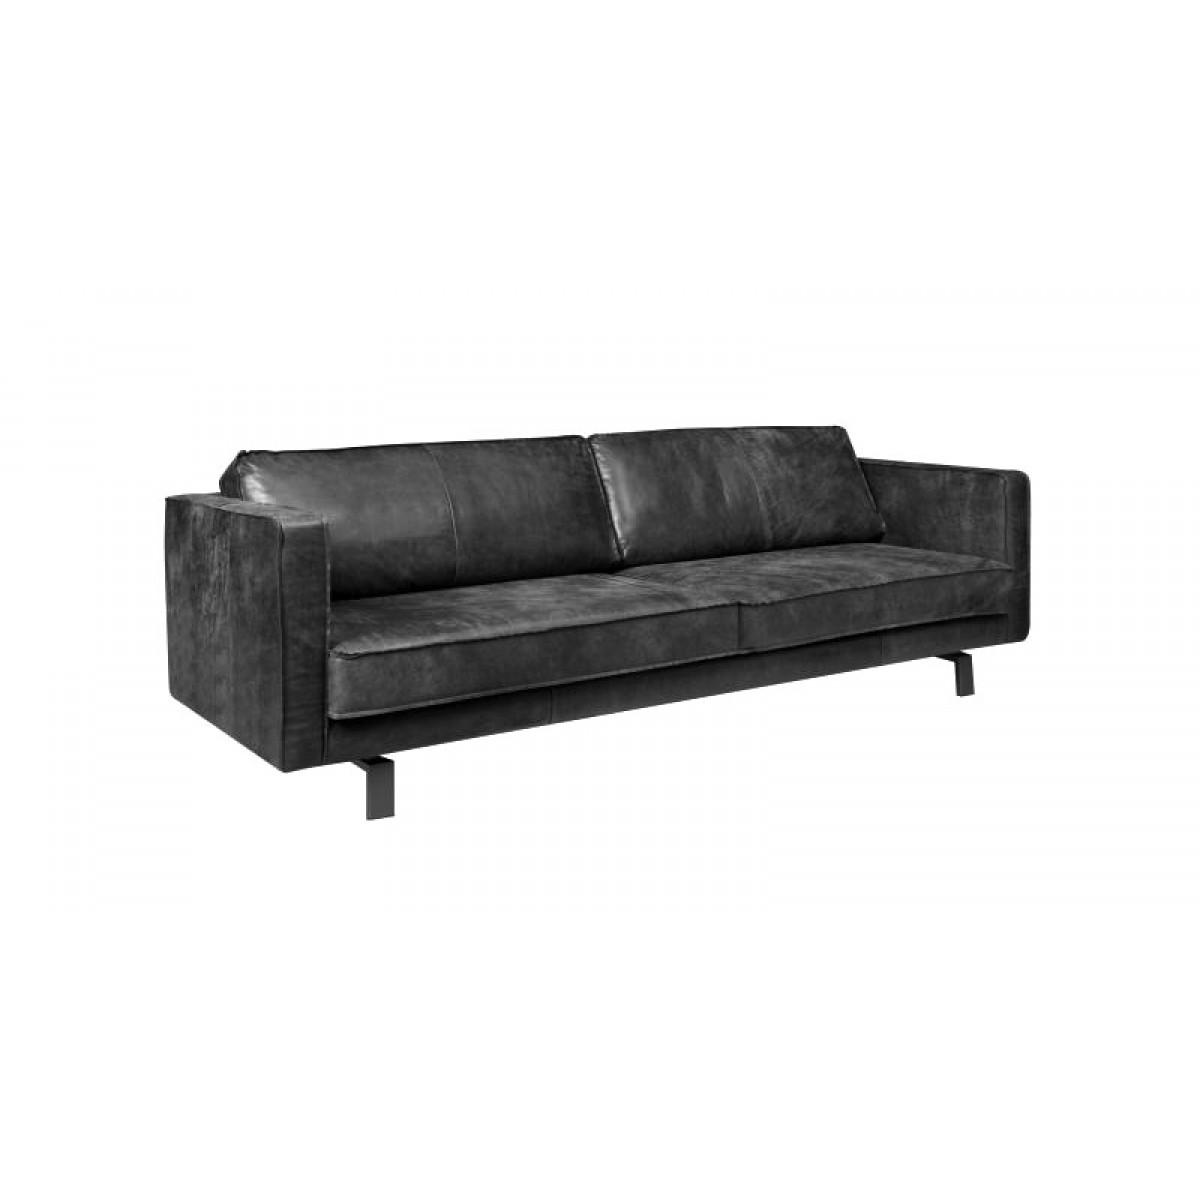 boris-slimm-design-bank-zitkussen-uit-een-stuk-zwart-schuin